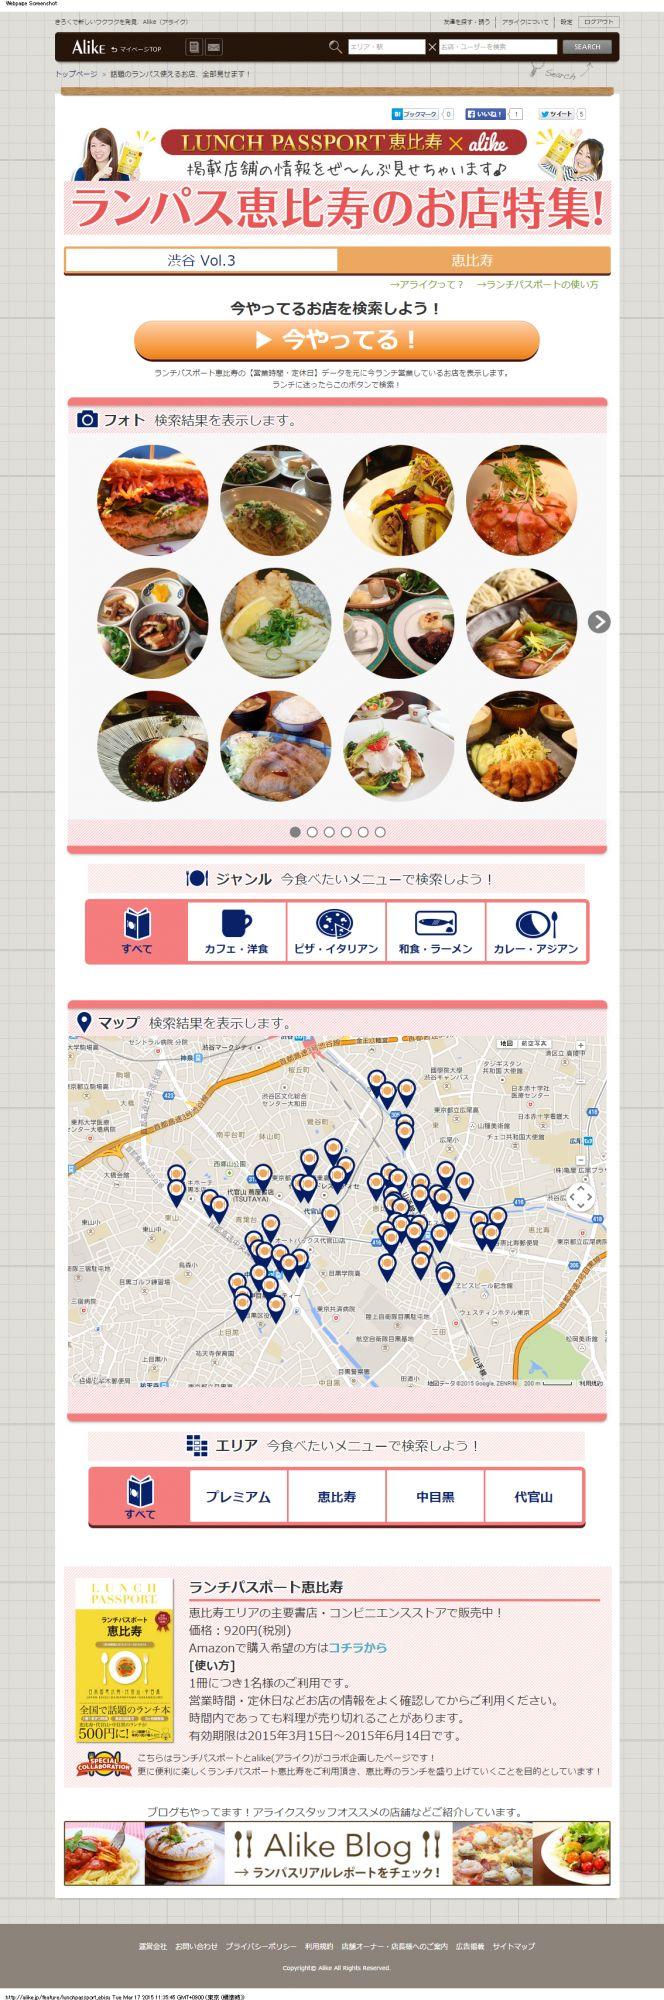 ベッコアメ 100万件を超える店舗情報を掲載する 「Alike.jp」に 『ランチパスポート恵比寿(代官山・中目黒)』特集ページをオープン  https://www.value-press.com/pressrelease/138985